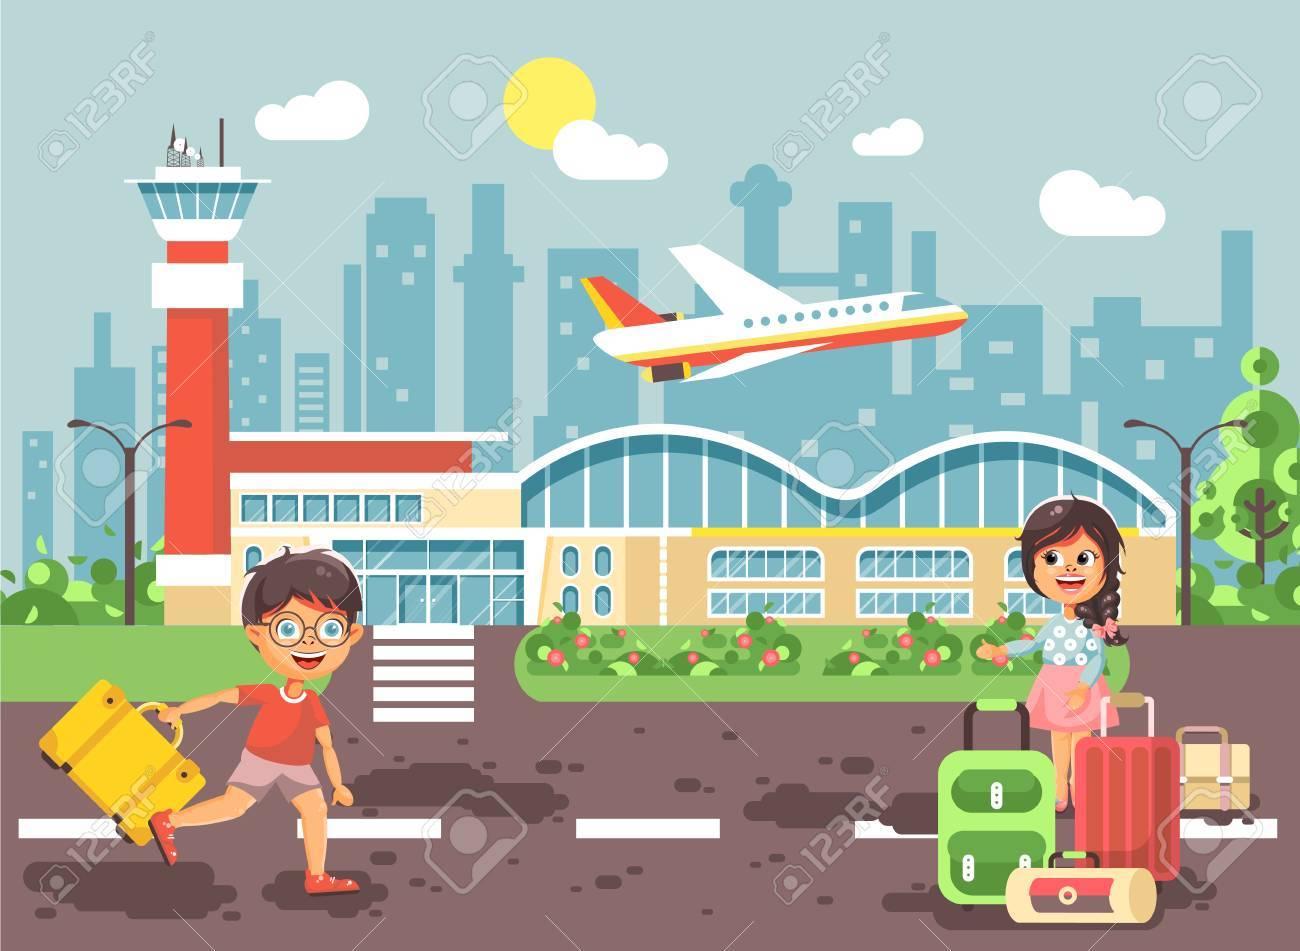 Caractère De Dessin Animé De Vector Illustration Fin Garçon Courir à La Petite Fille Brune Debout à L Aéroport Avion Au Départ Sac Valises En